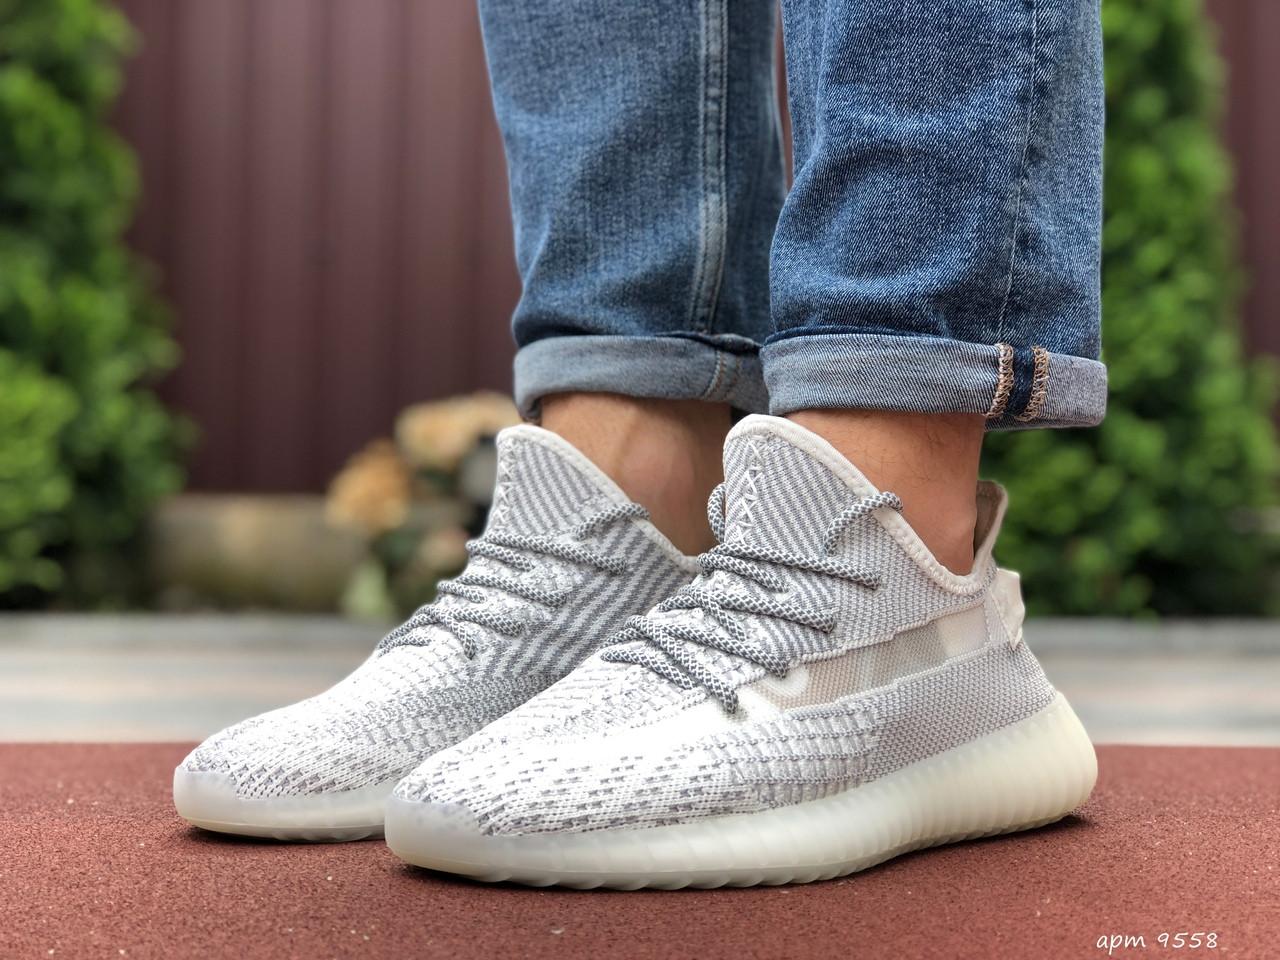 Чоловічі кросівки Yeezy Boost (світло-сірі з білим) 9558